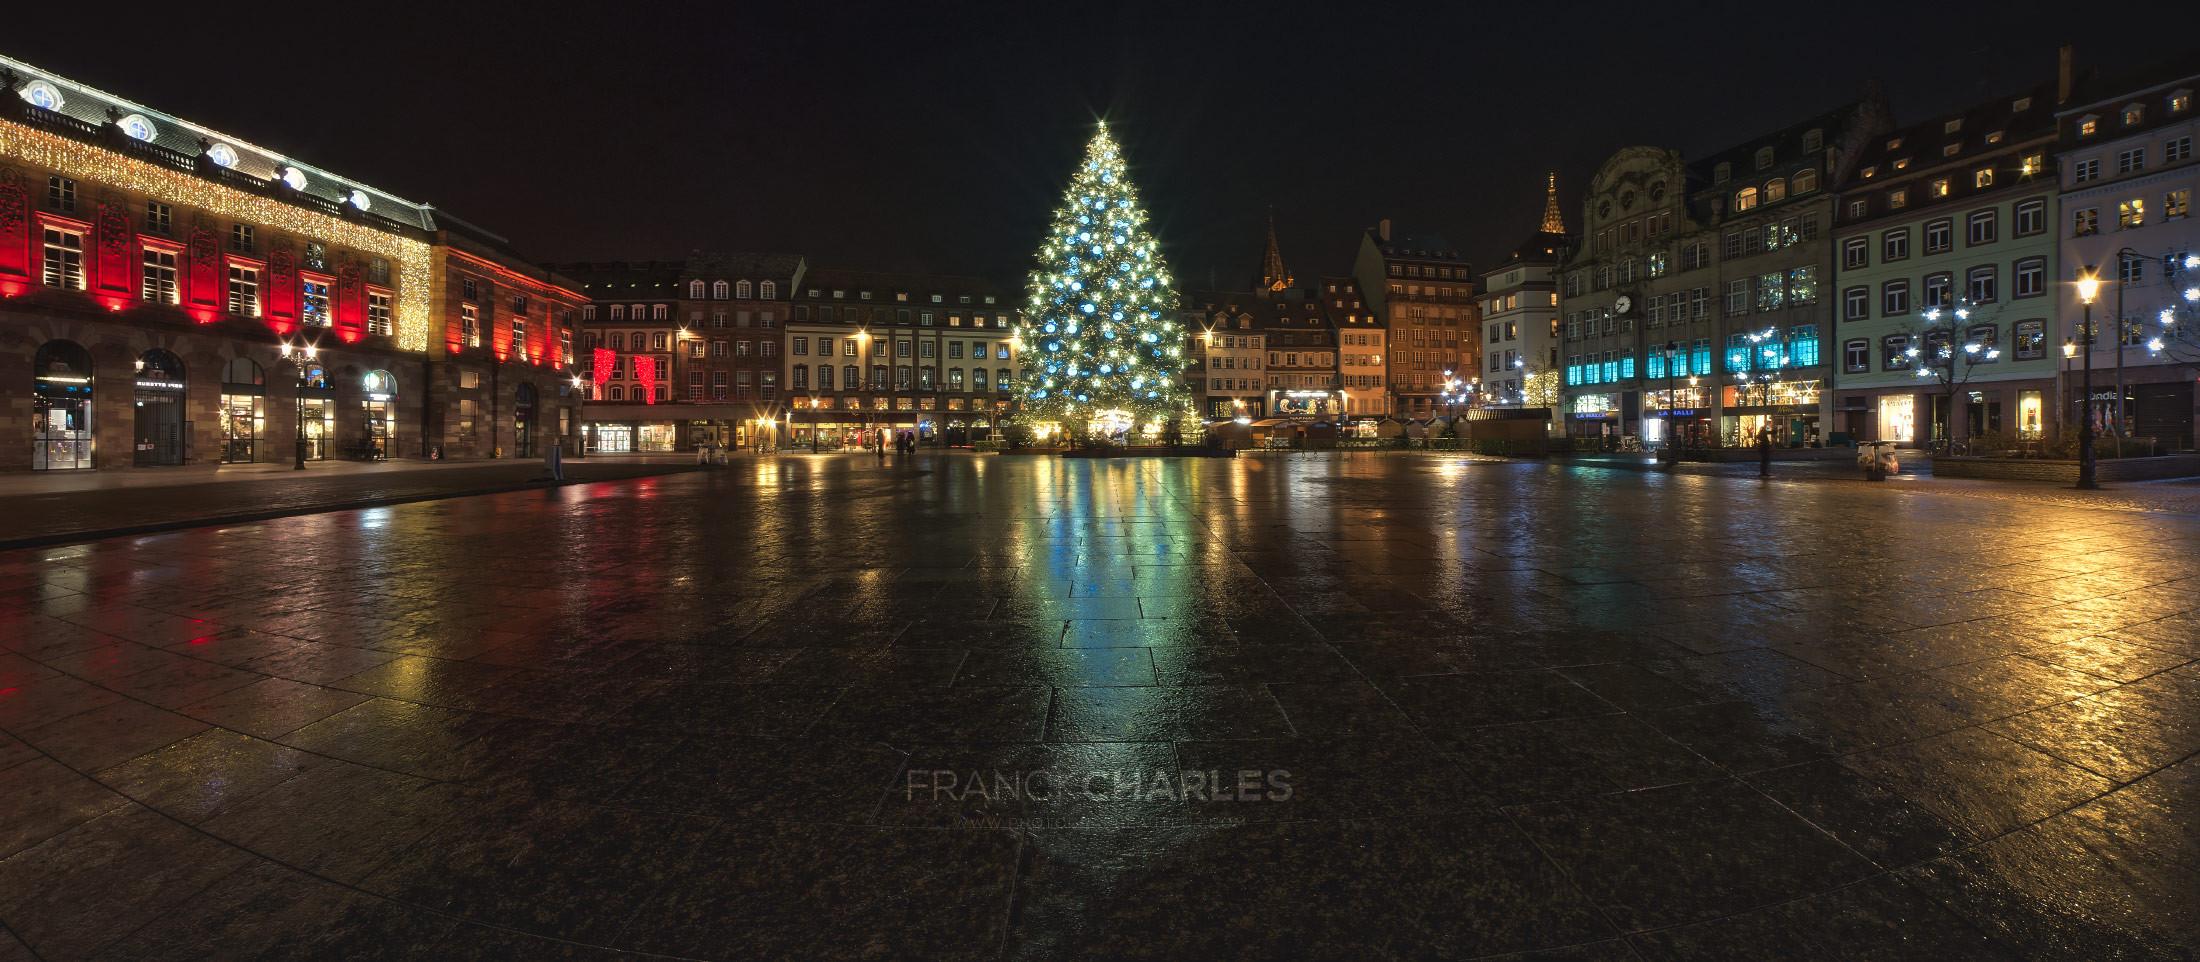 Place Kléber - Franck Charles